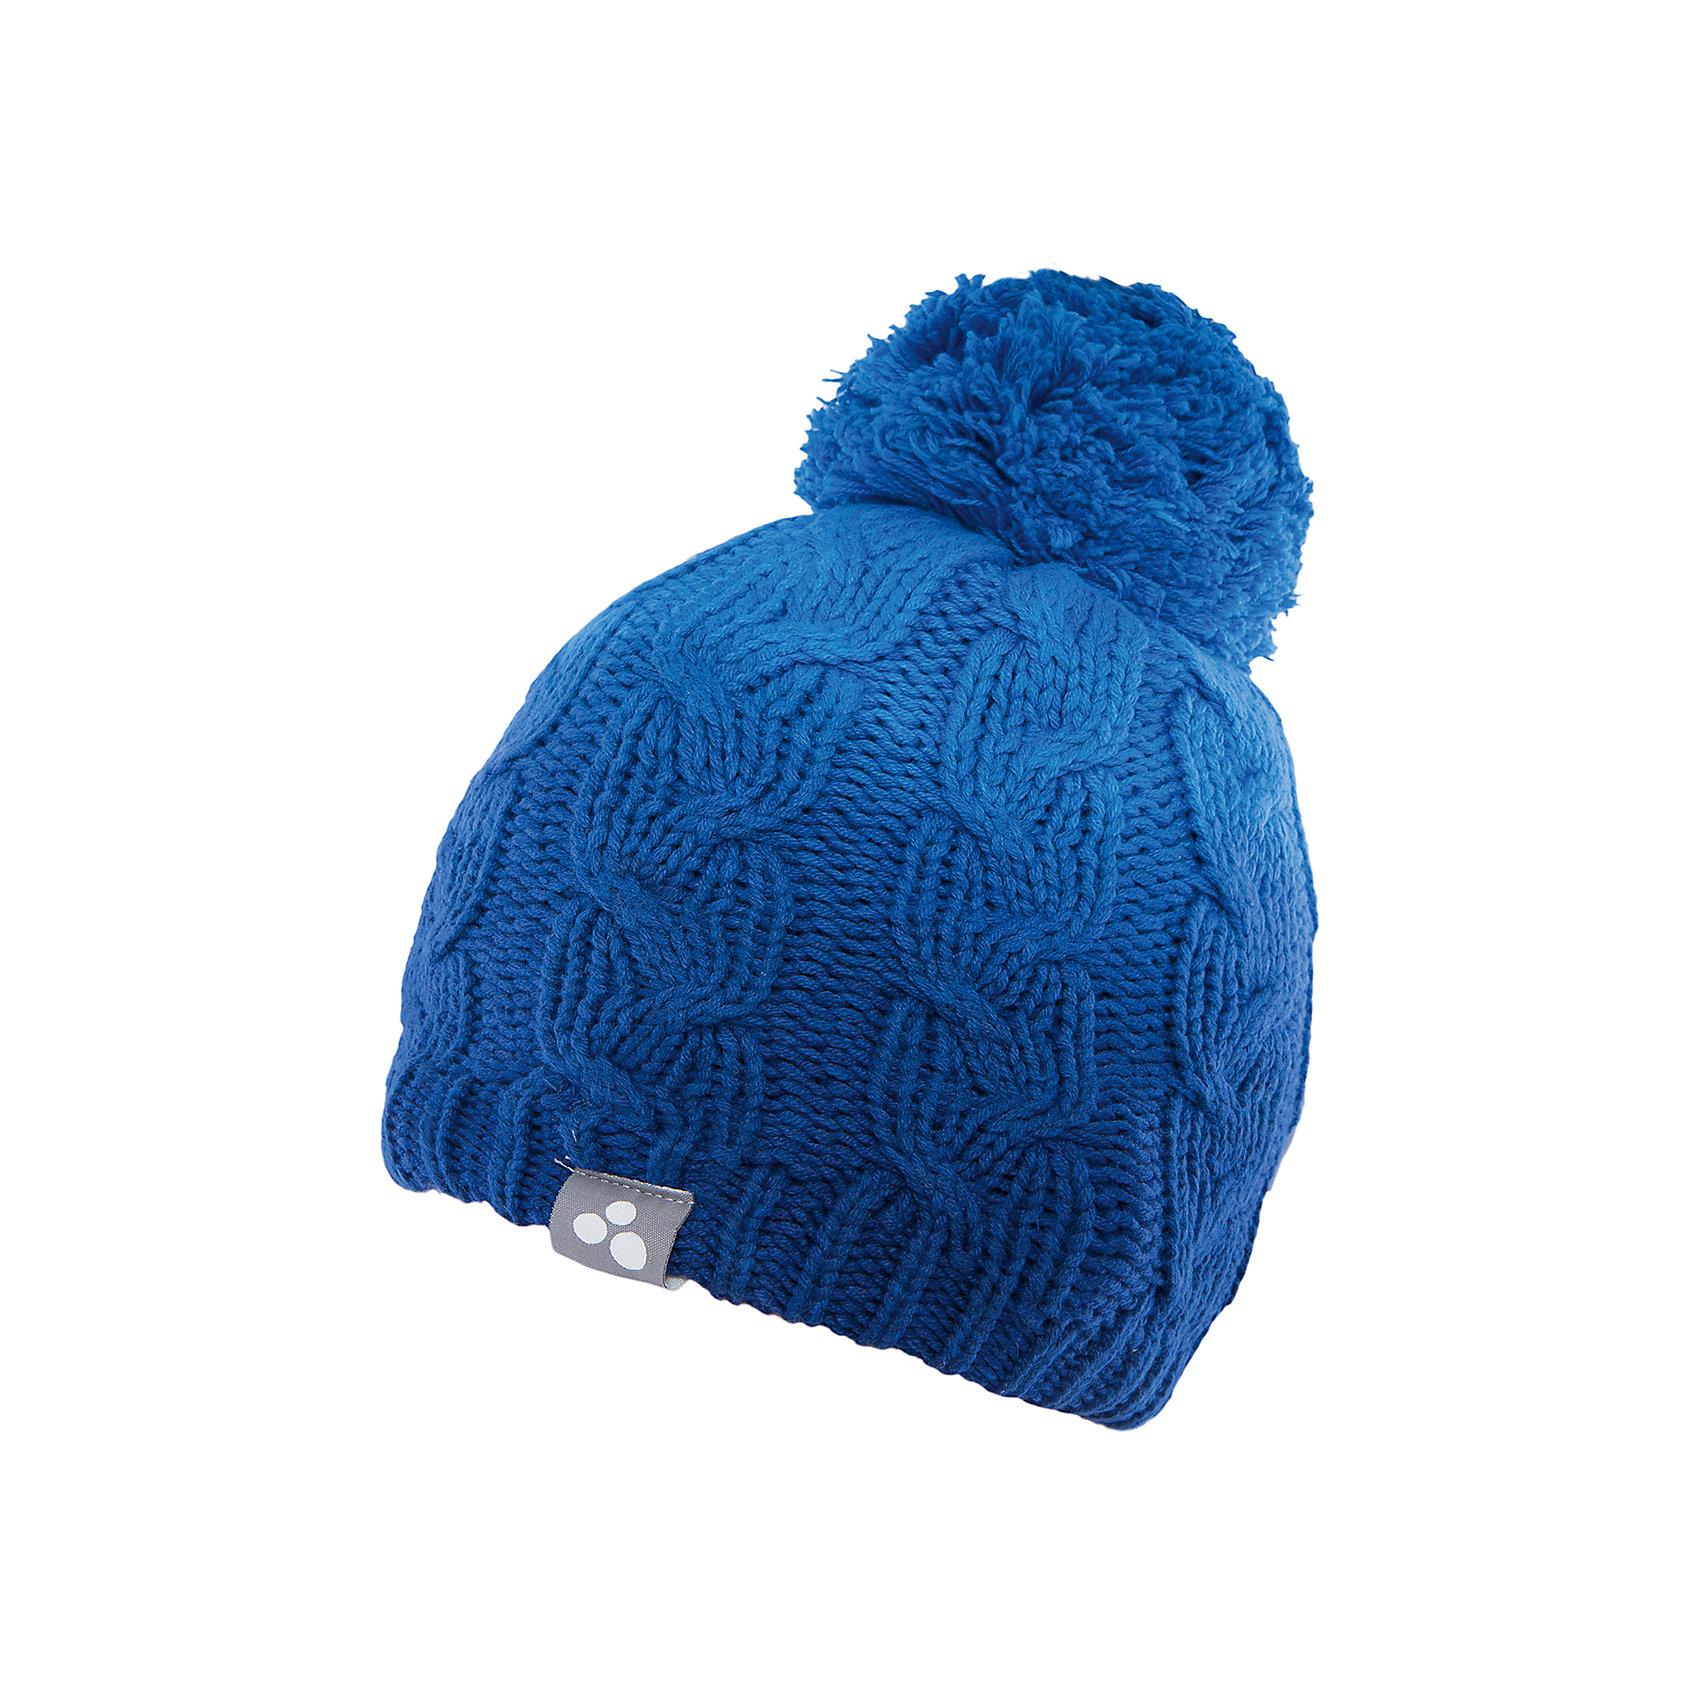 Шапка  HuppaЗимние<br>Вязаная шапка LUCCA Huppa(Хуппа) изготовлена из качественных материалов и обеспечит вашему ребенку тепло и комфорт. Шапка украшена помпоном, вязаными косичками и интересным рисунком с эффектом градиента. Шапка плотно прилегает к голове благодаря резинке по краю.<br><br>Дополнительная информация:<br>Материал: 45% акрил, 55% хлопок<br>Цвет: синий<br><br>Вы можете приобрести шапку LUCCA Huppa(Хуппа) в нашем интернет-магазине.<br><br>Ширина мм: 89<br>Глубина мм: 117<br>Высота мм: 44<br>Вес г: 155<br>Цвет: синий<br>Возраст от месяцев: 132<br>Возраст до месяцев: 144<br>Пол: Унисекс<br>Возраст: Детский<br>Размер: 57,55-57,51-53<br>SKU: 4928946